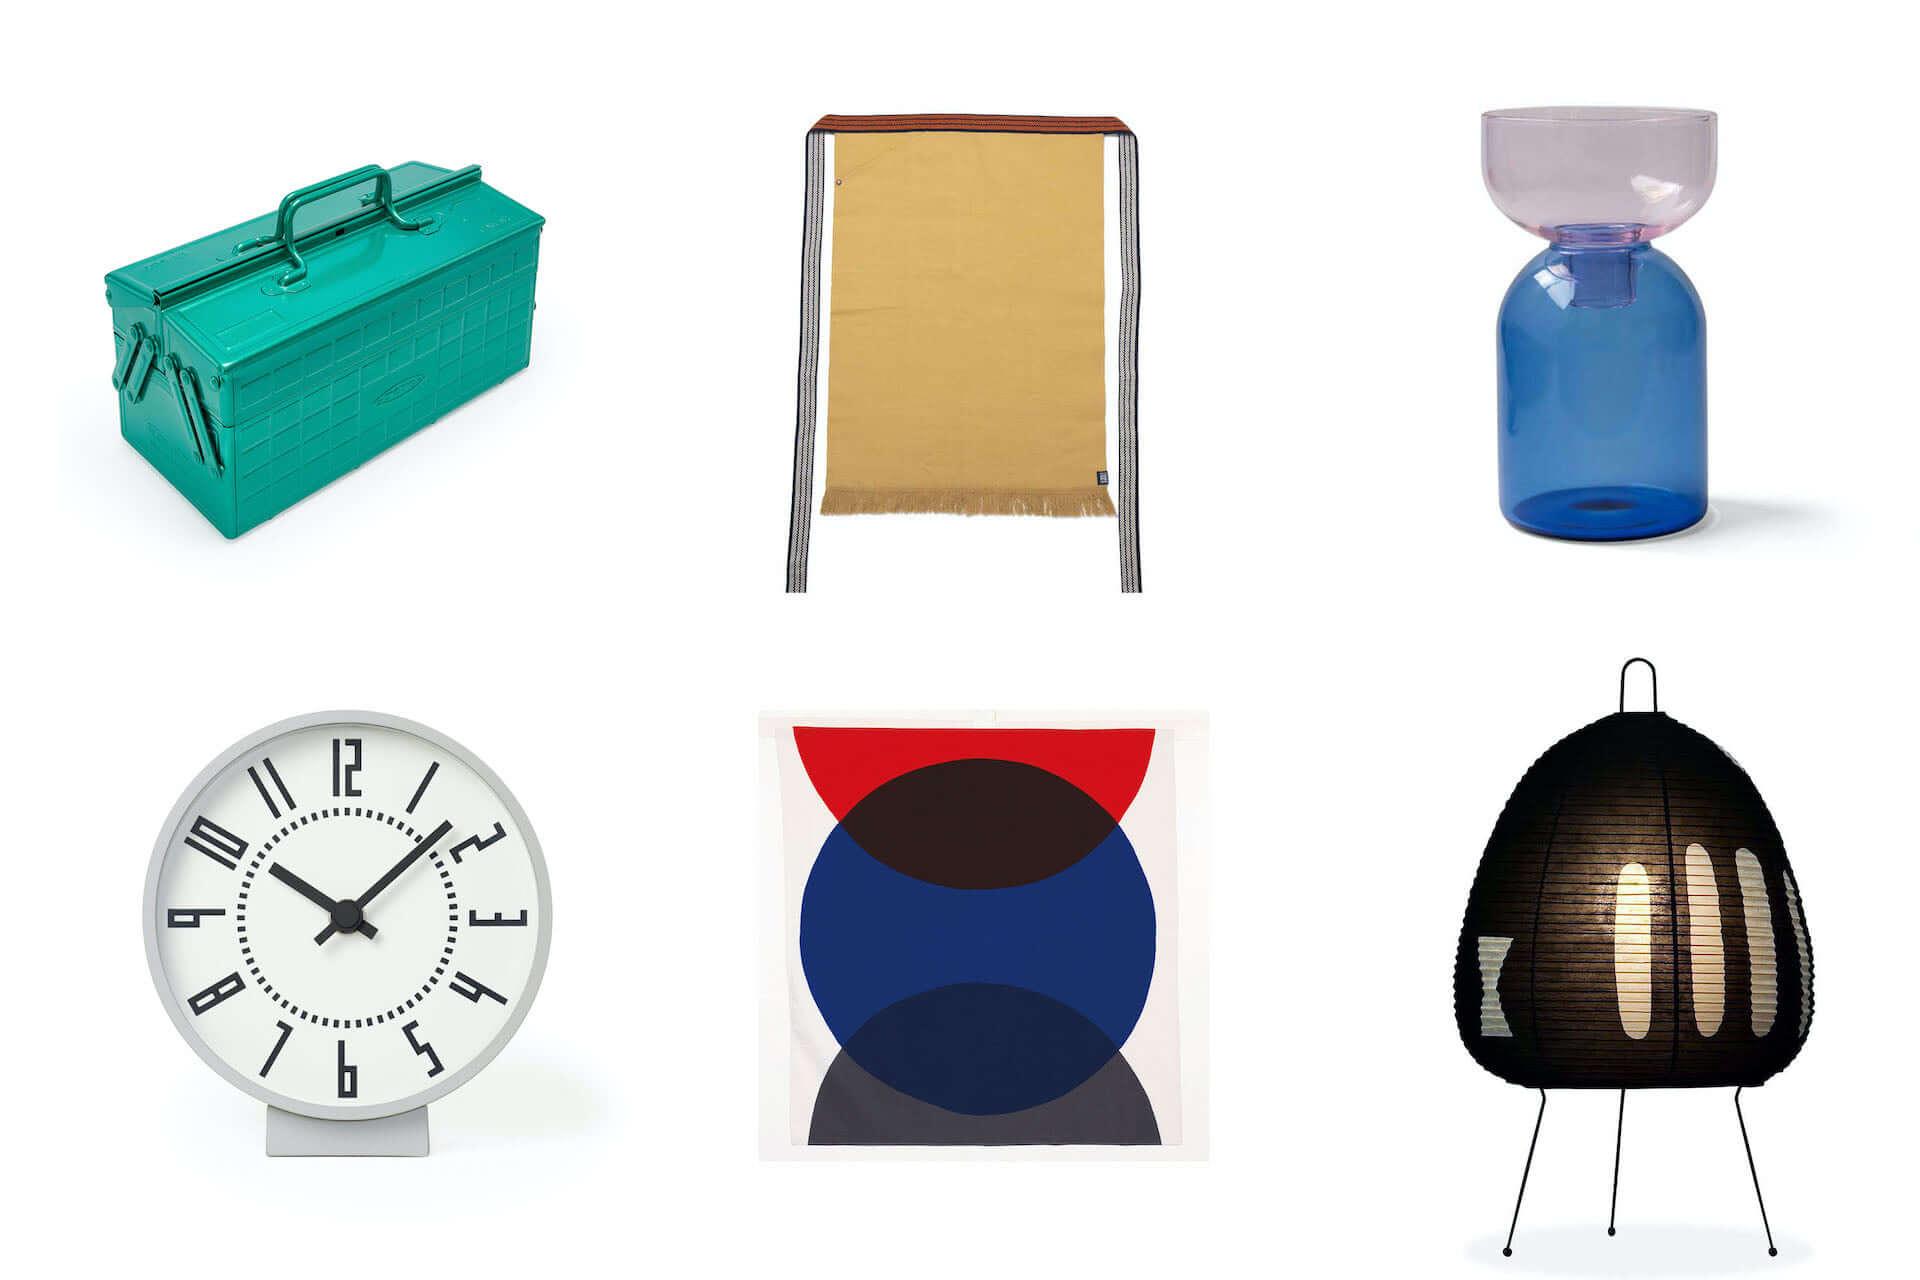 MoMA Design Storeによる日本発のグッドデザイン特集が公開!イサム・ノグチの照明、五十嵐威暢のトランプなど多数ラインナップ art210115_momastore_5-1920x1280